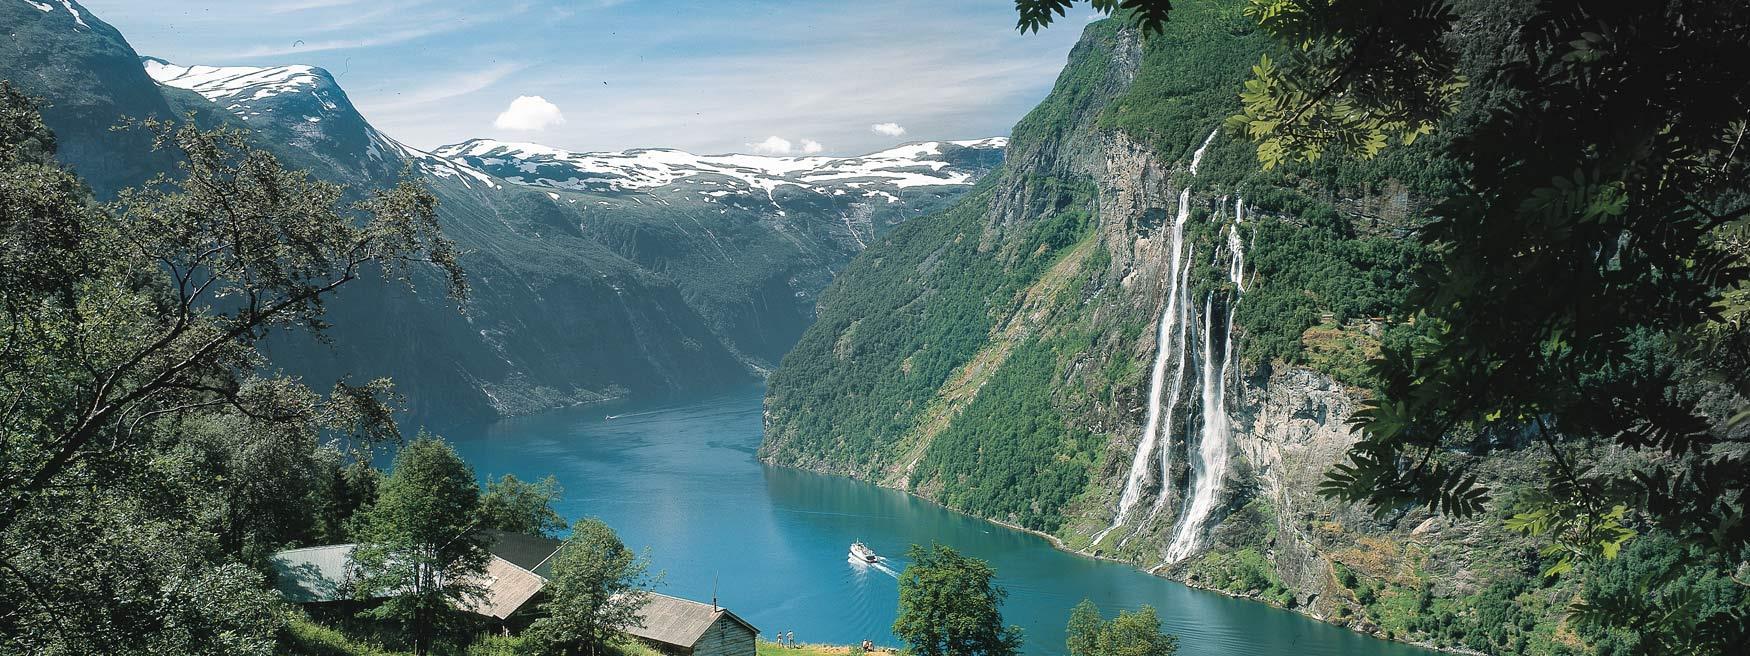 www.fjordnorway.com.jpg